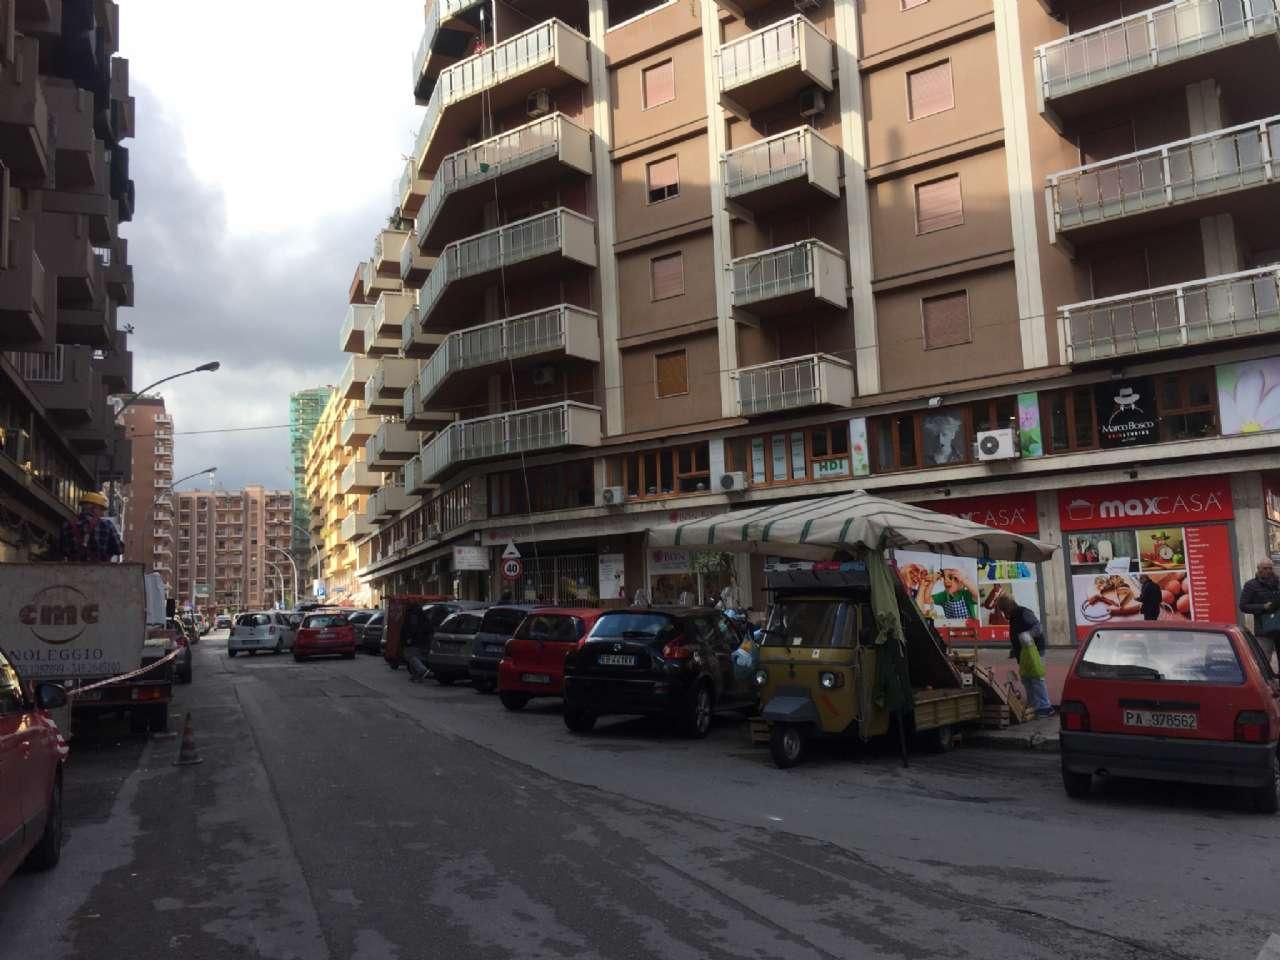 Quadrilocale, Via Ercole Bernabei, zona Malaspina, Palermo, foto 19